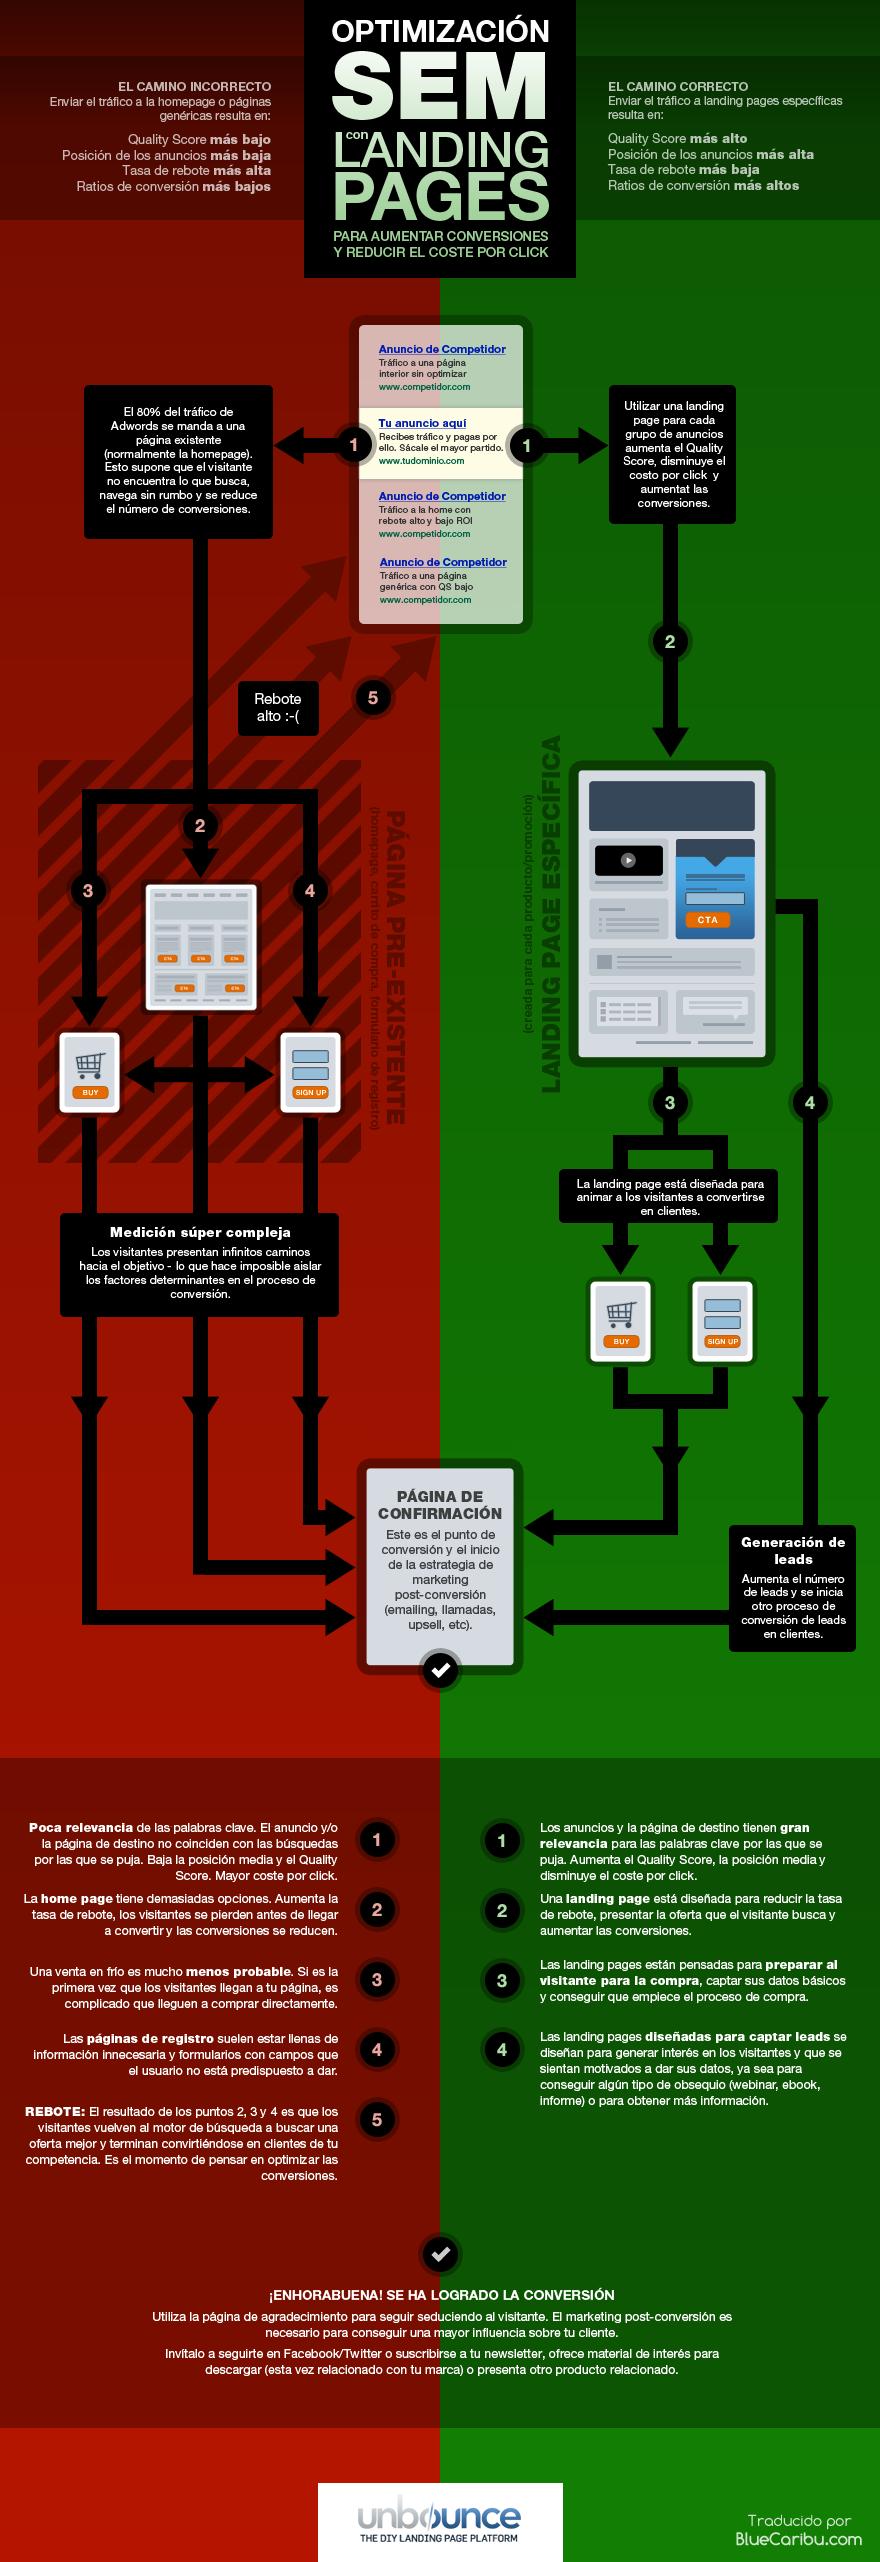 , Optimizar una buena estrategia SEM con Landing Pages